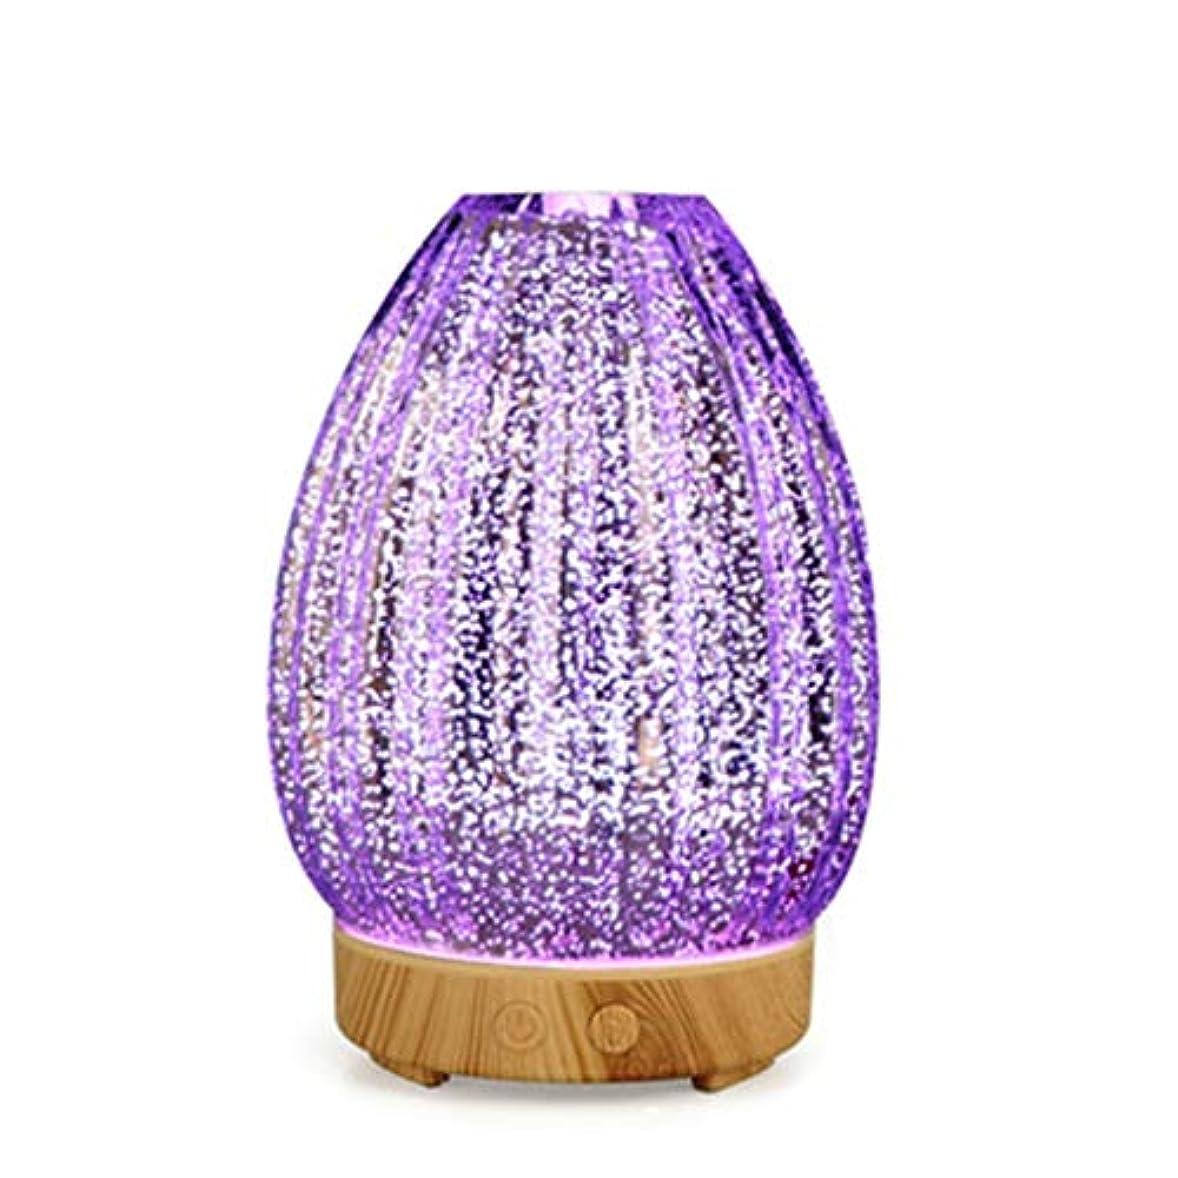 解放する喉が渇いた構造的クールミスト空気加湿器、ウォーターフリーオートクローズ、7 LEDカラー変更ライト付き、寝室のベビーレディの家の装飾に適して (Color : Light wood grain)